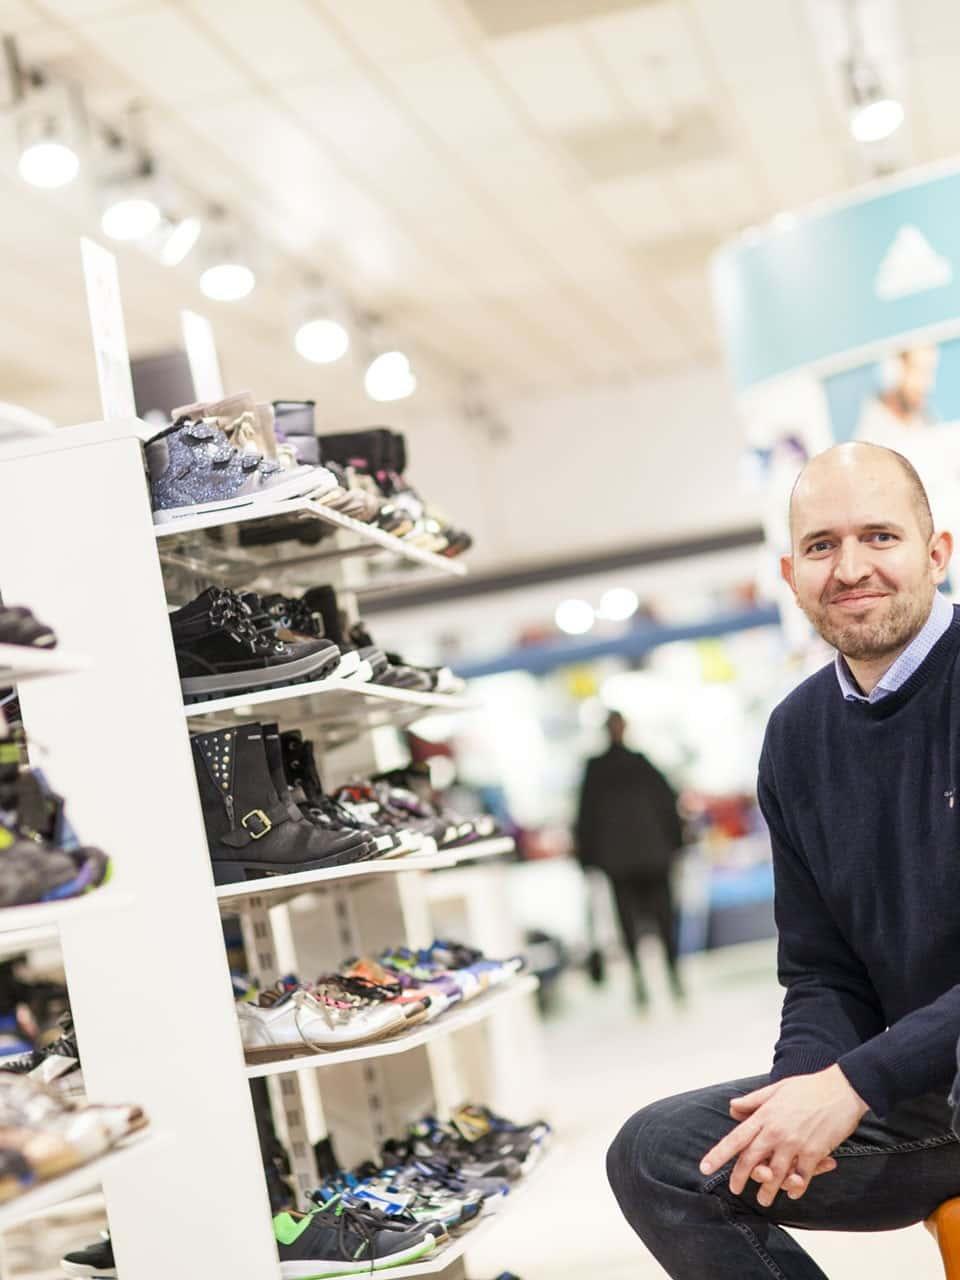 Sko eller støvler? Skobutikker i Rosengårdcenteret